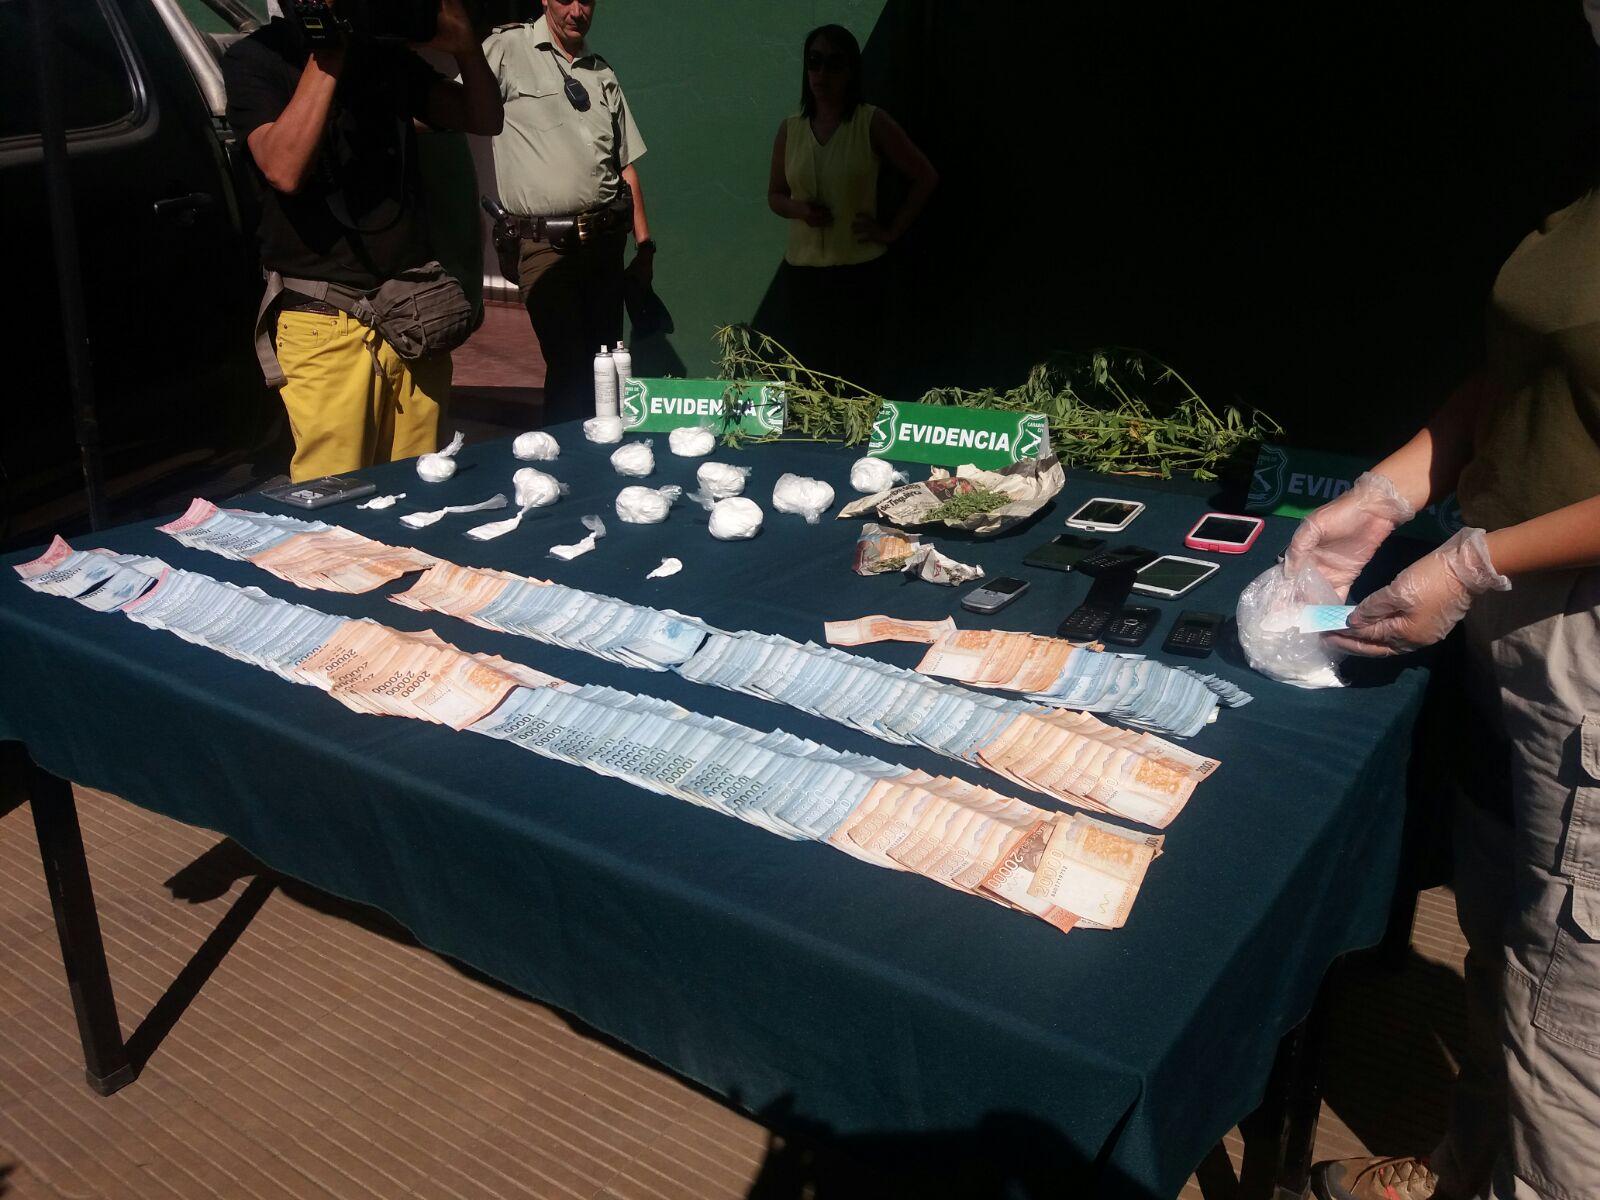 6 detenidos, la incautación de cocaína, marihuana y dos camionetas, finaliza operativo del OS-7 de Carabineros de Talca.